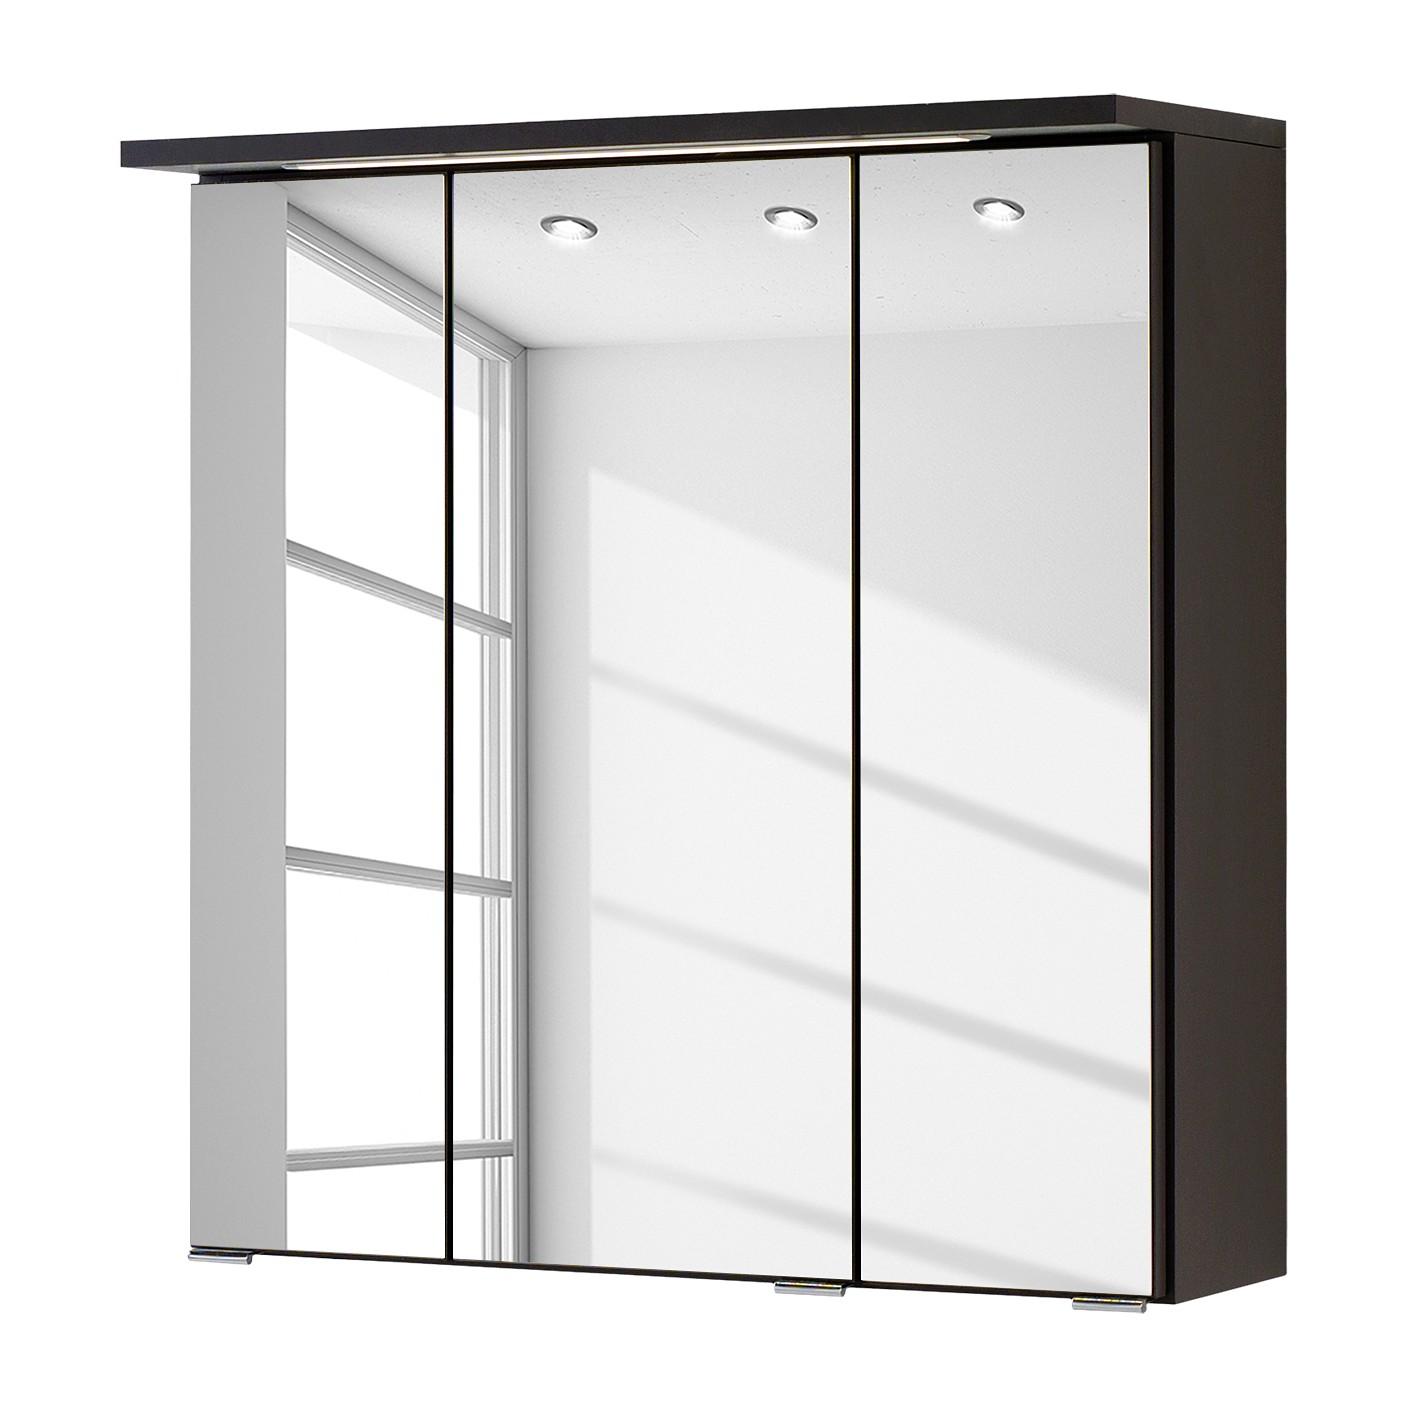 Spiegelschränke fürs Bad online kaufen | Möbel-Suchmaschine ...